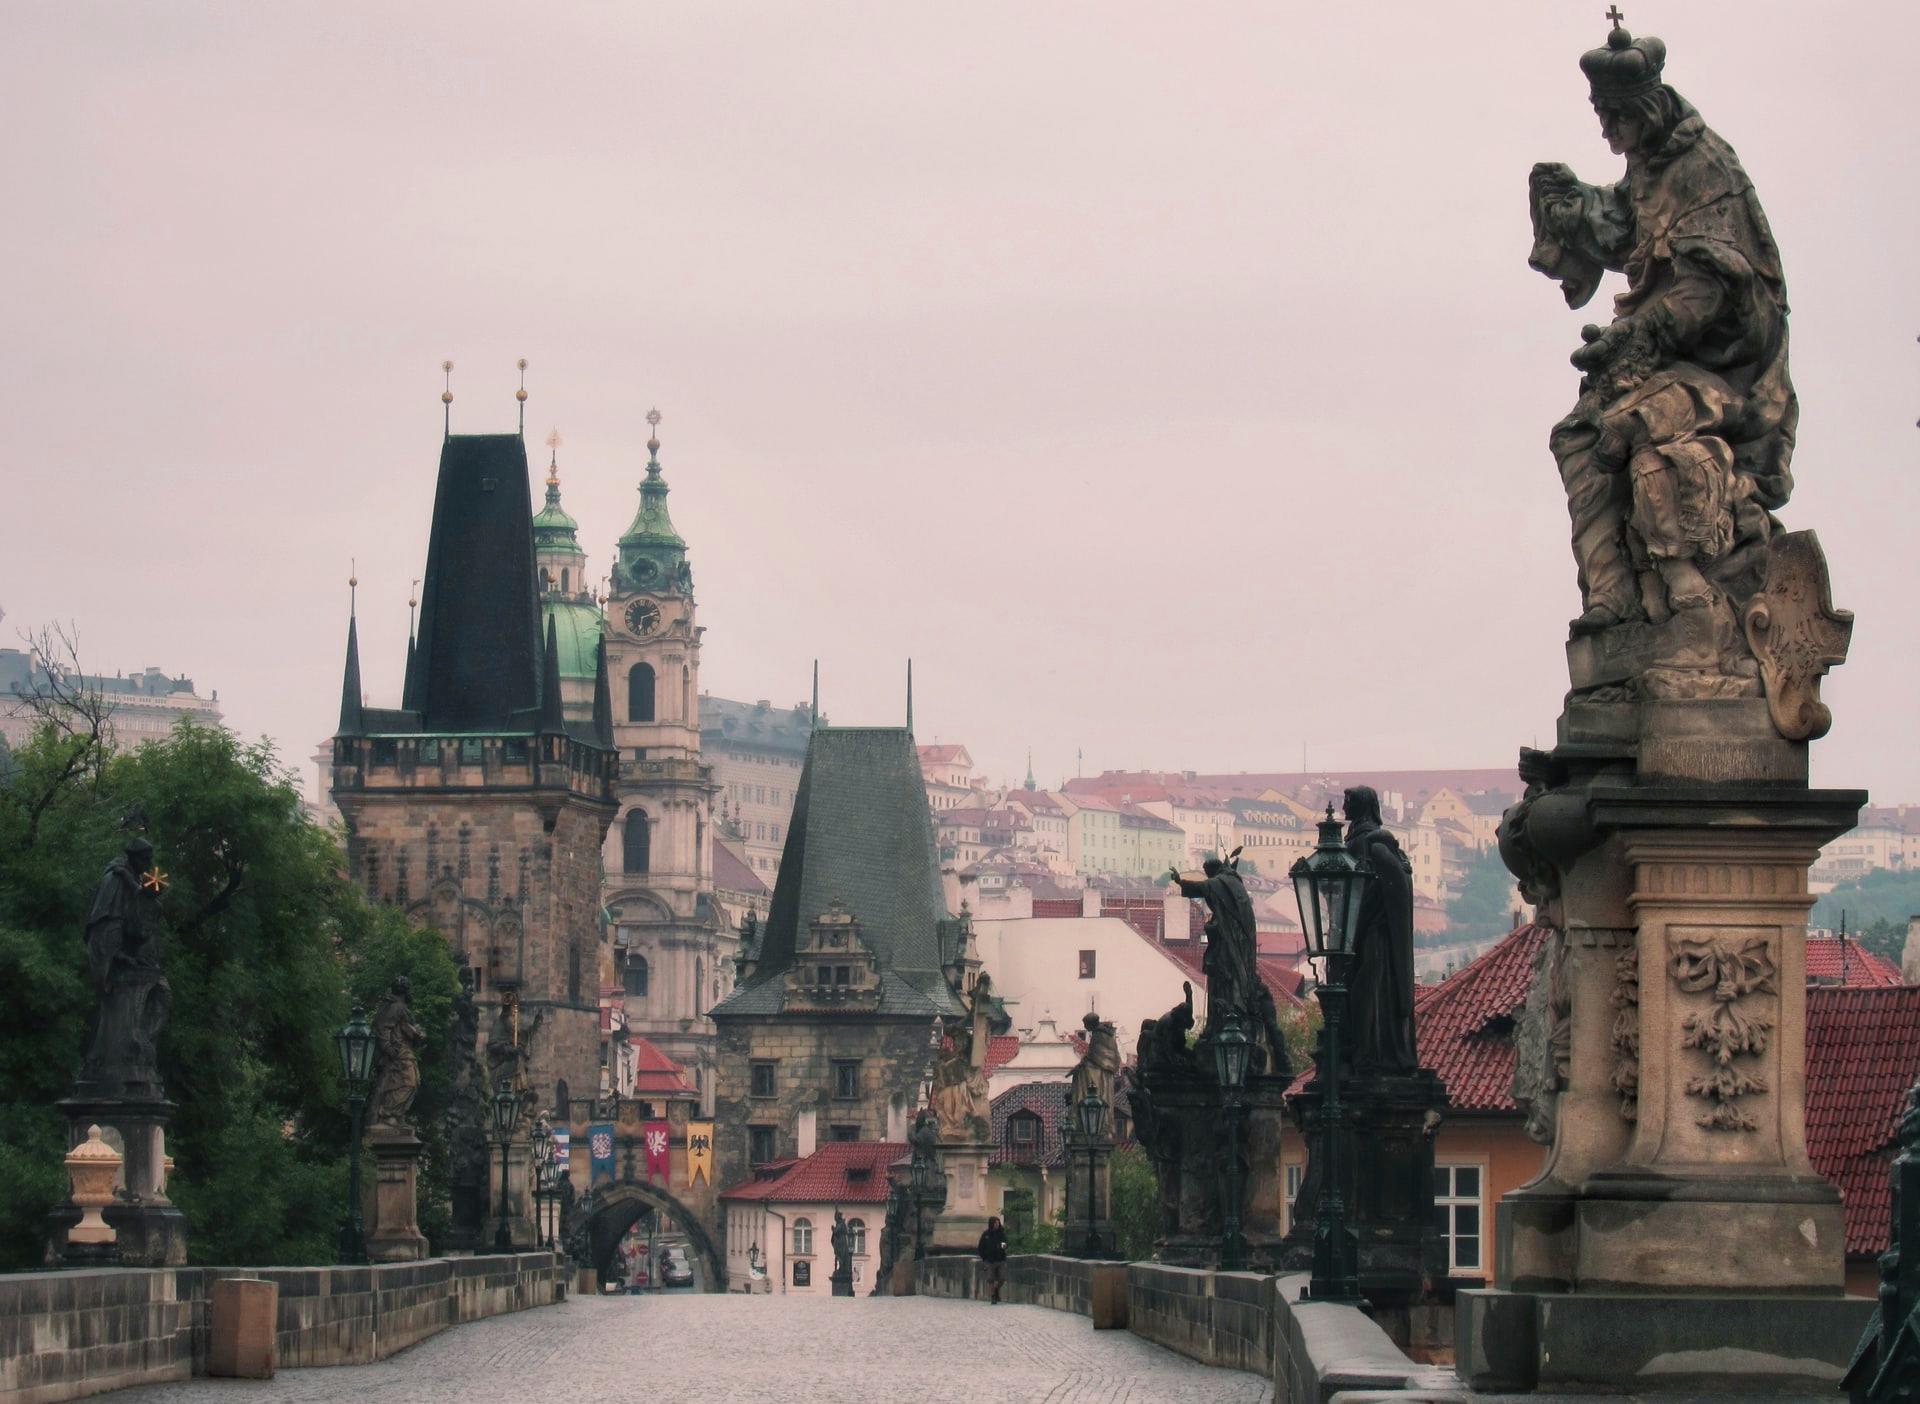 Чехия самая миролюбивая страна Европы